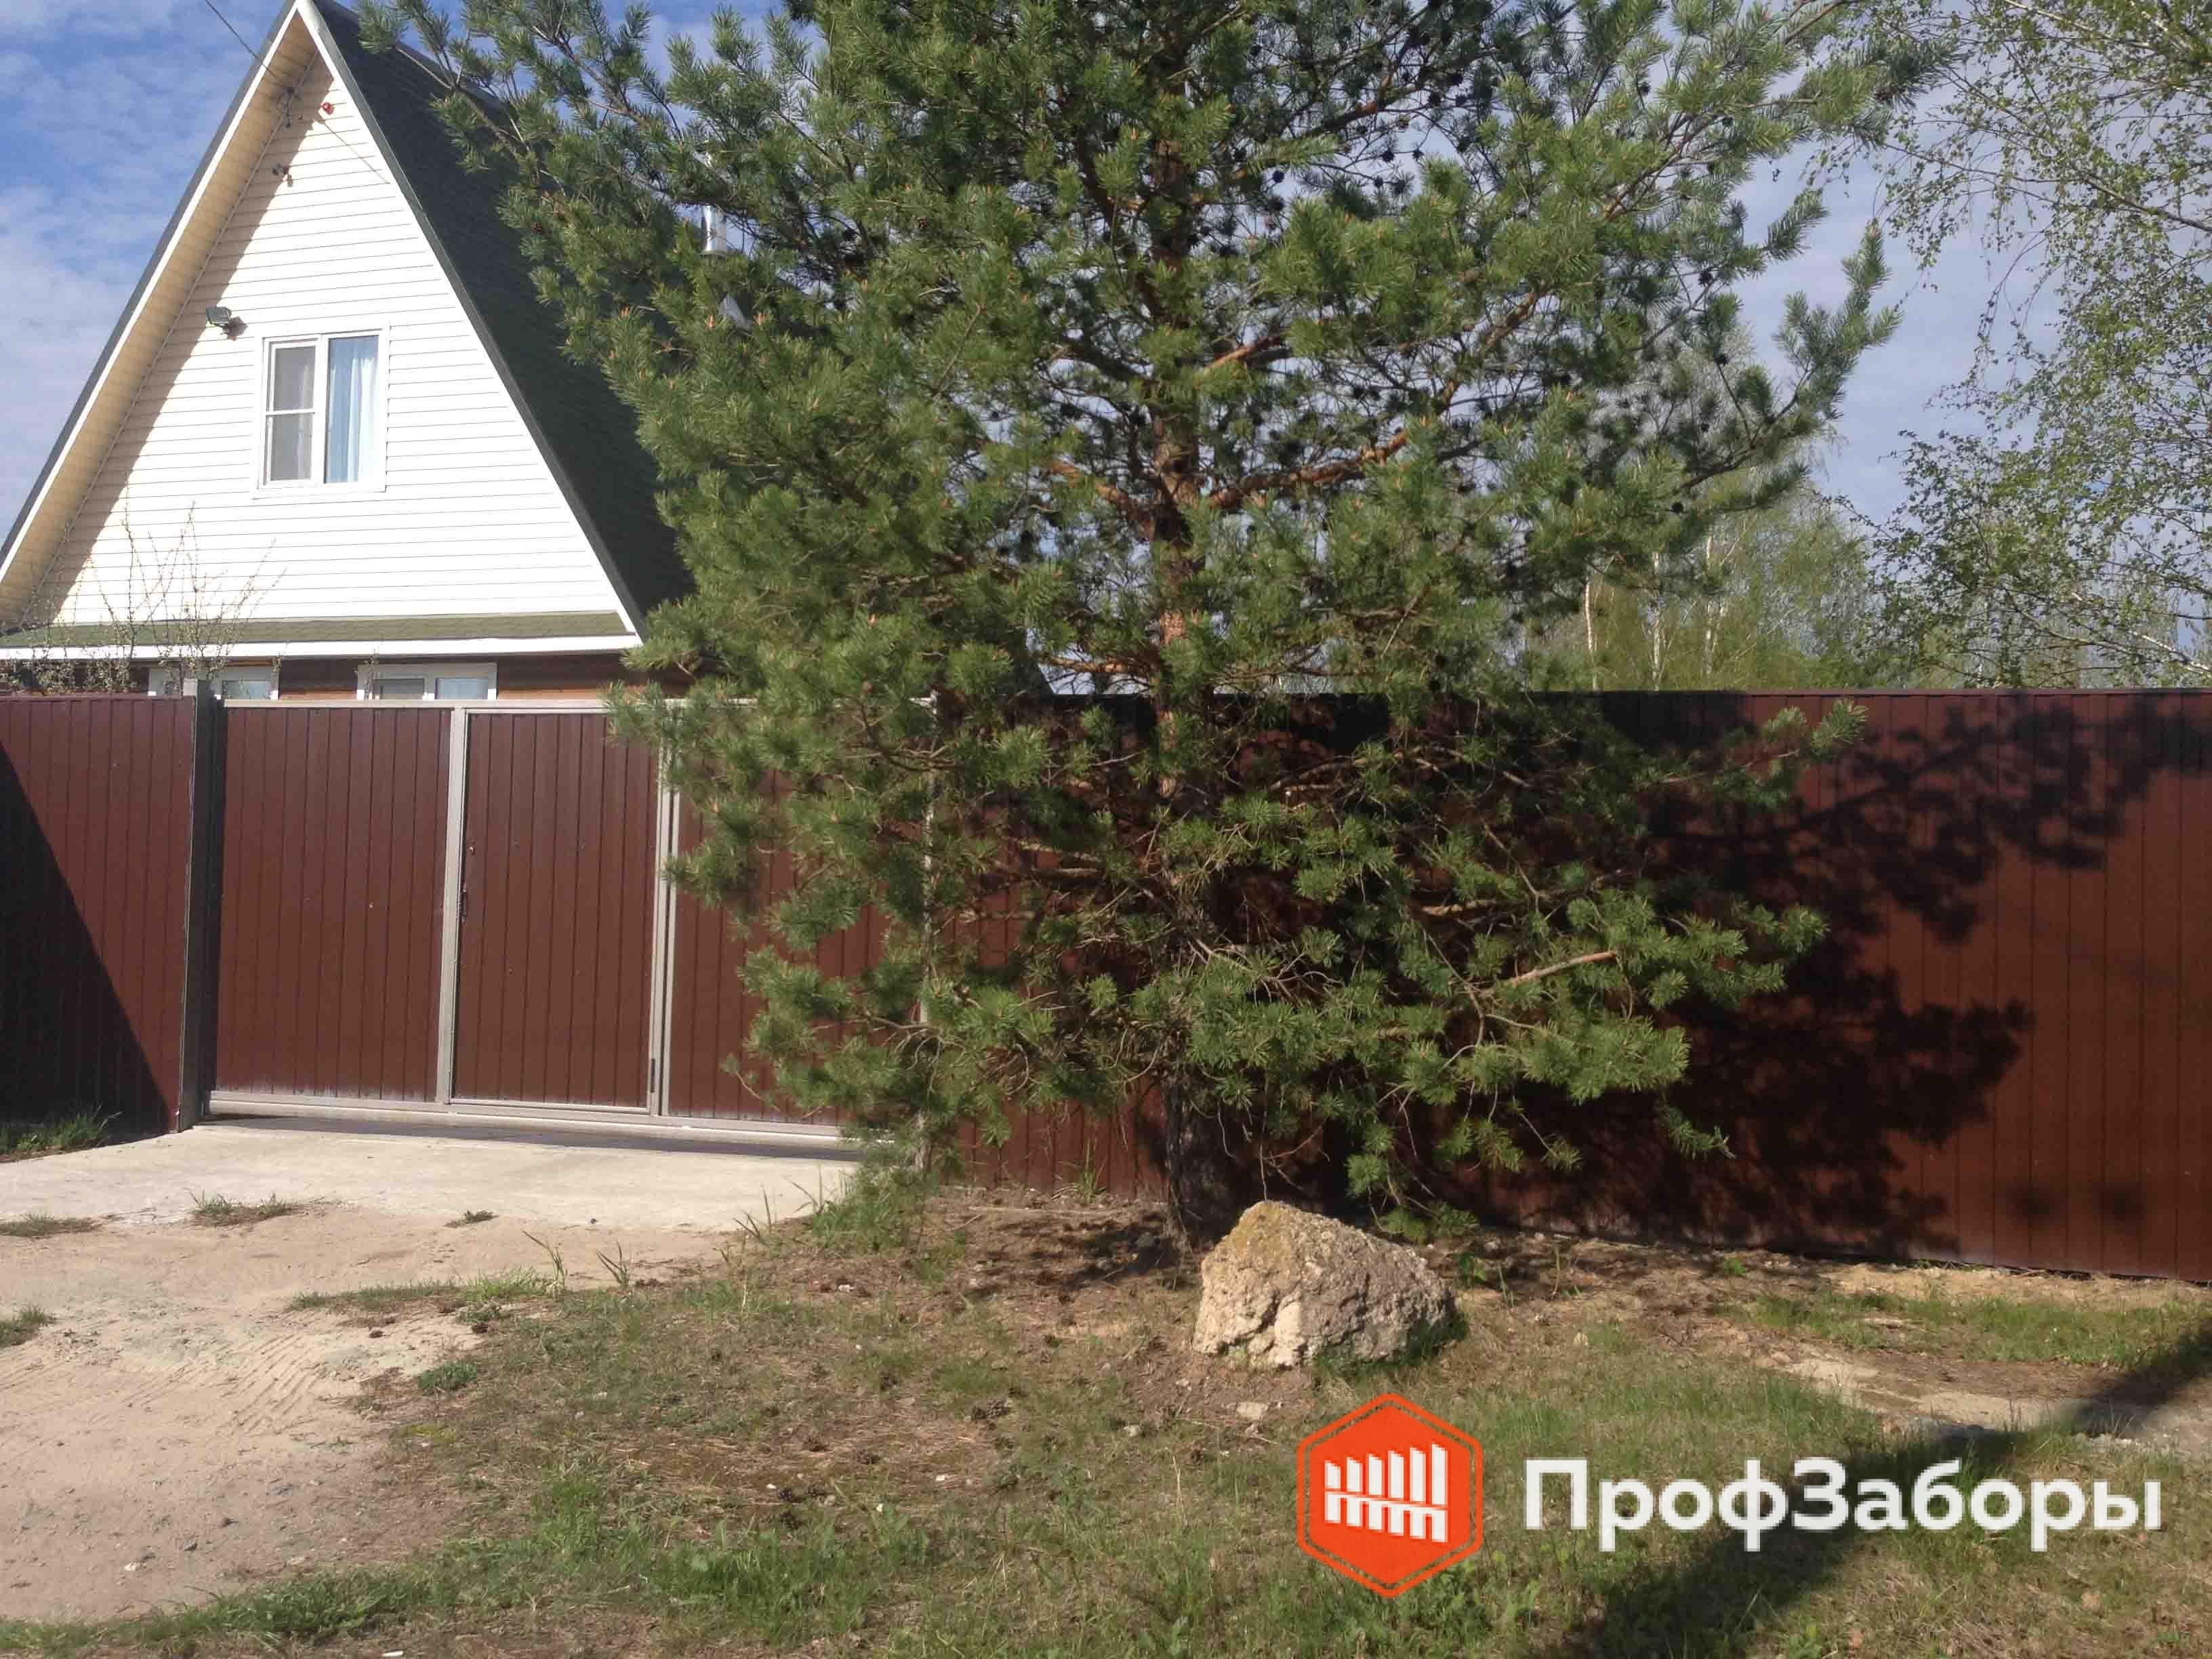 Заборы Из профнастила  - Можайский район. Фото 4